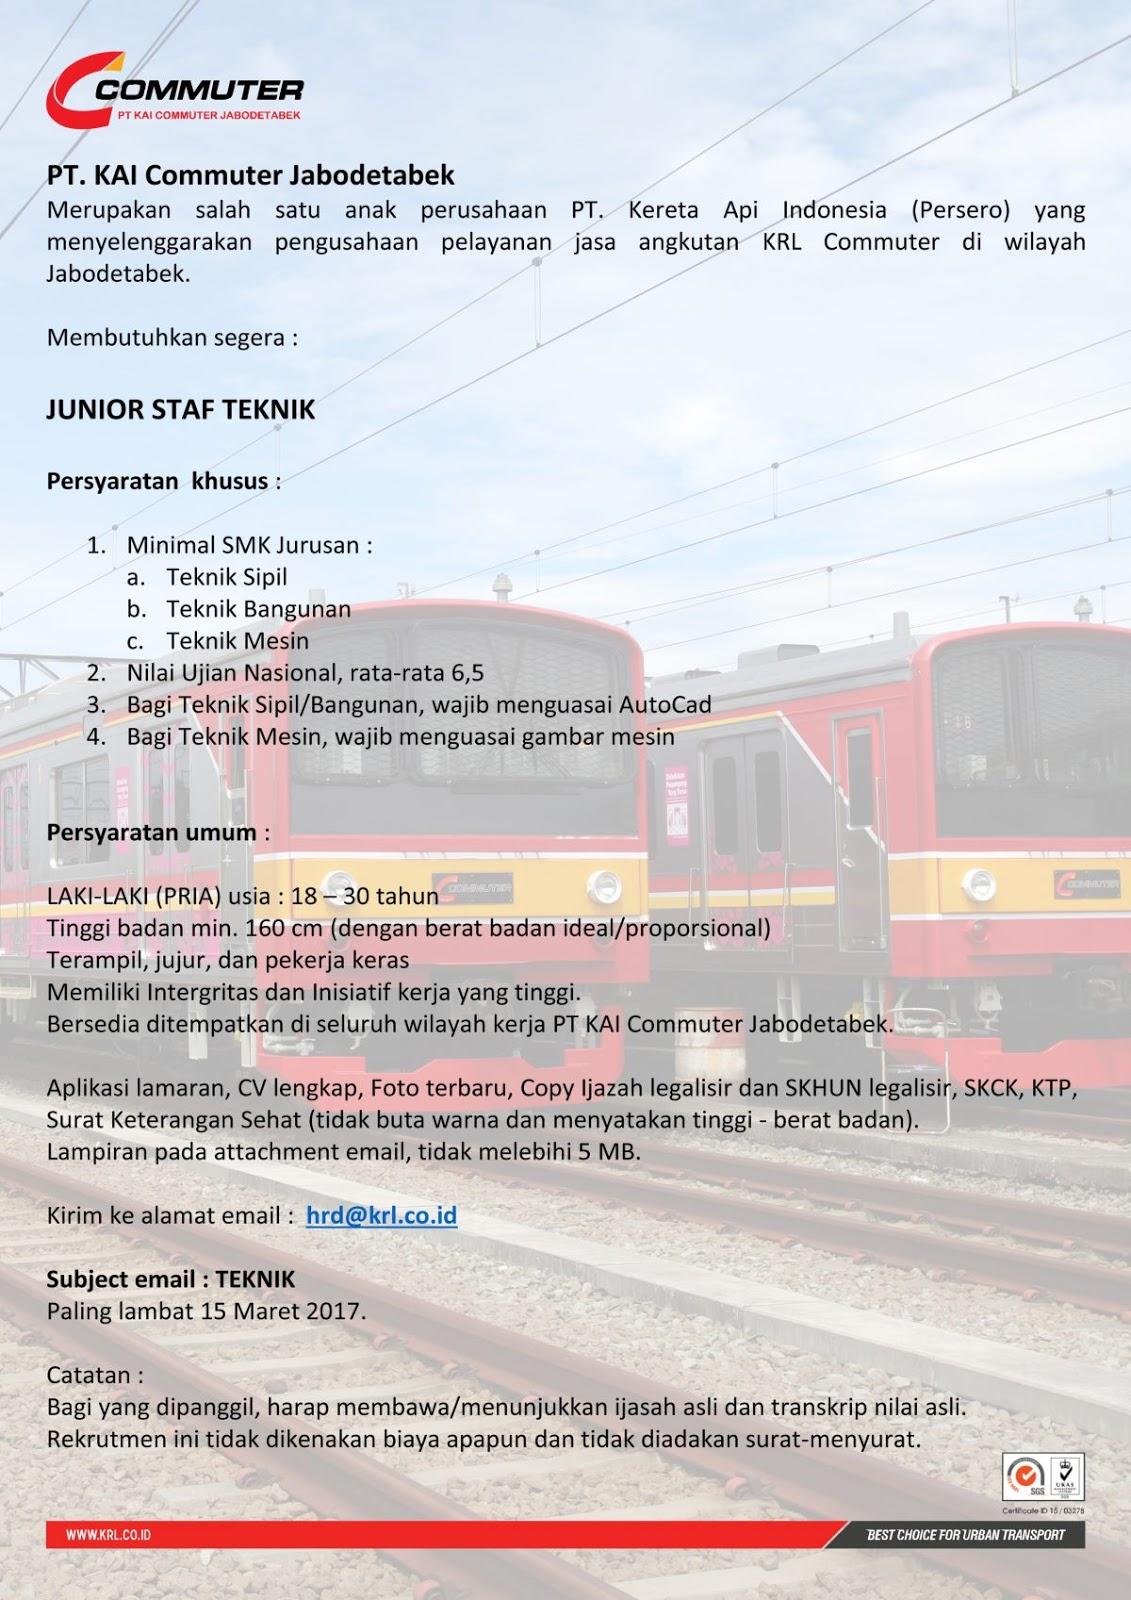 lokr pt kai commuter jabodetabel junior staff teknik 2017